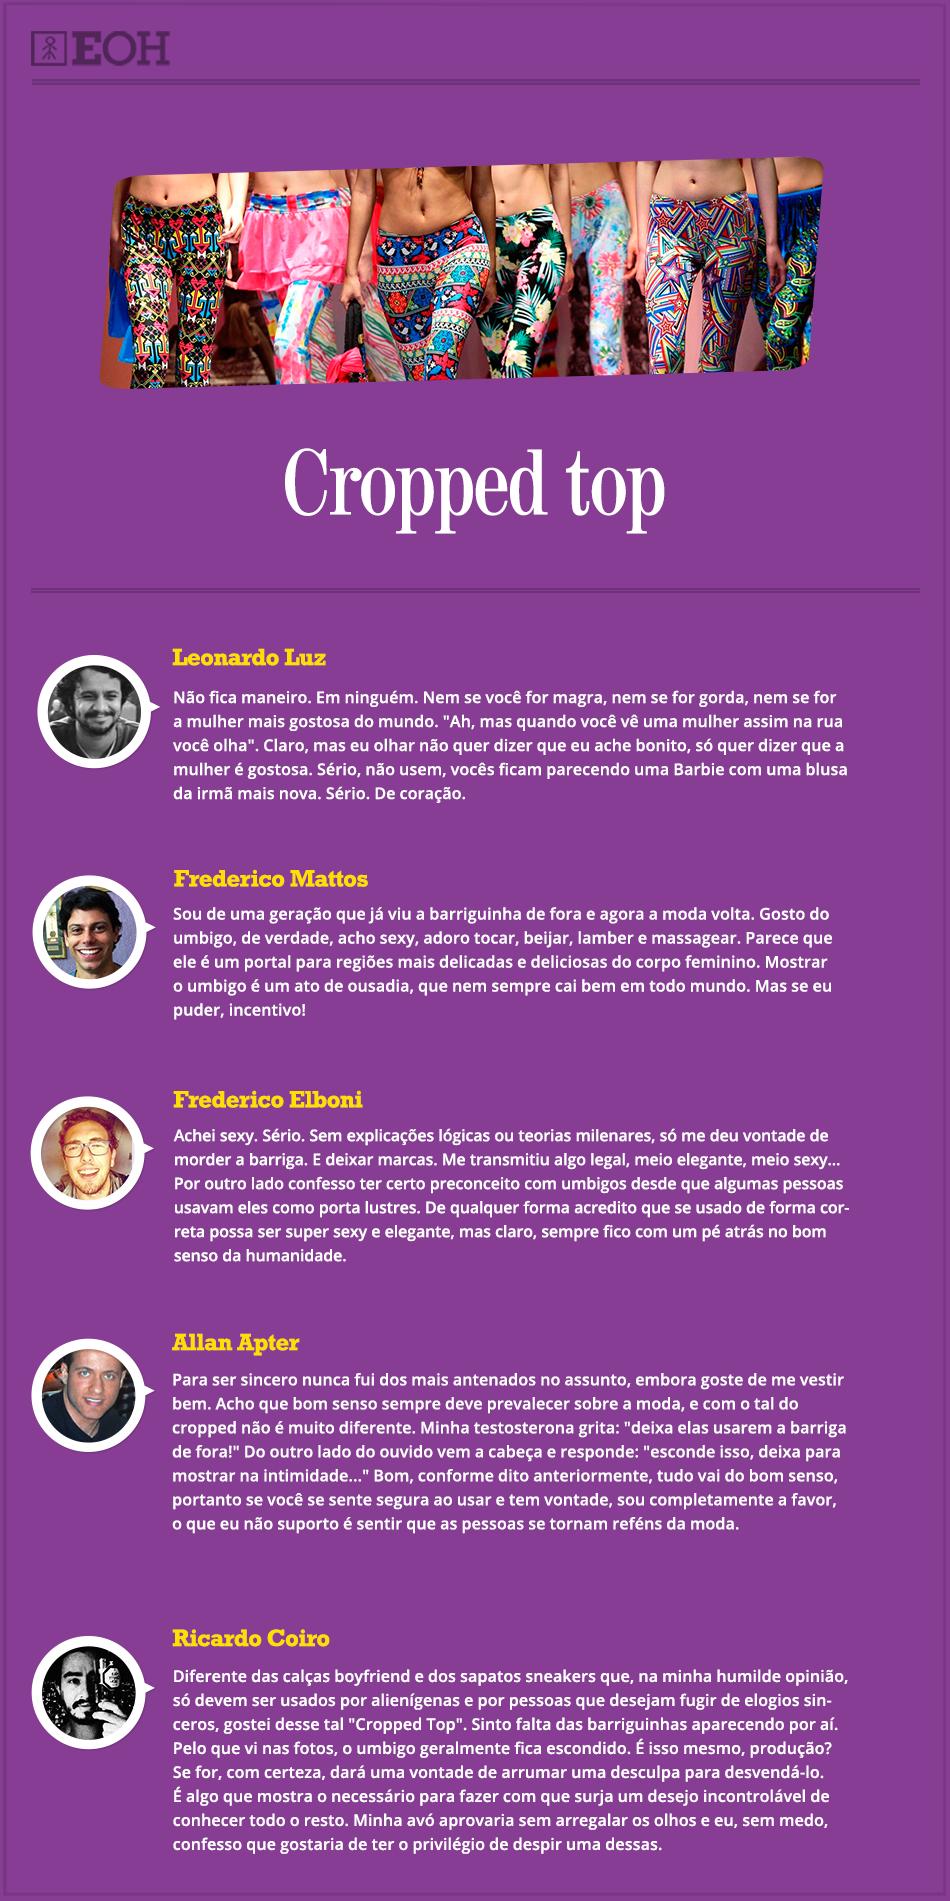 O que eles pensam sobre moda – Cropped top